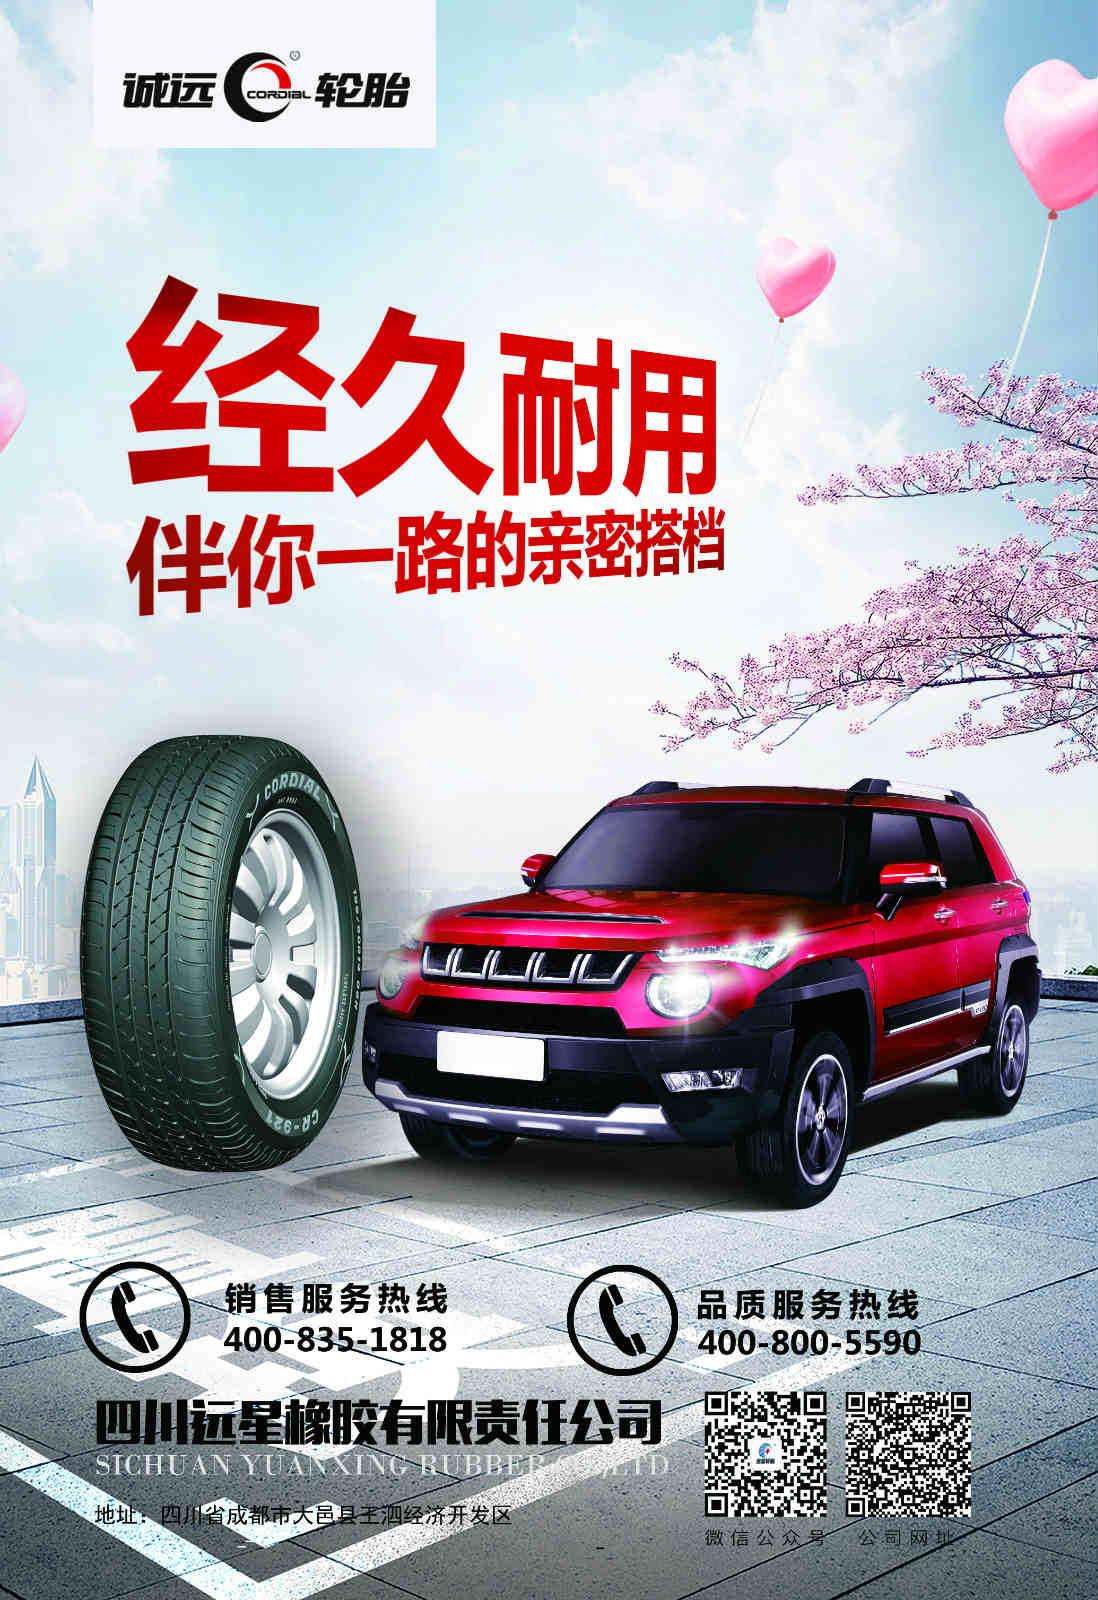 新一代家用轿车轮胎,拥有居家完美生活体验